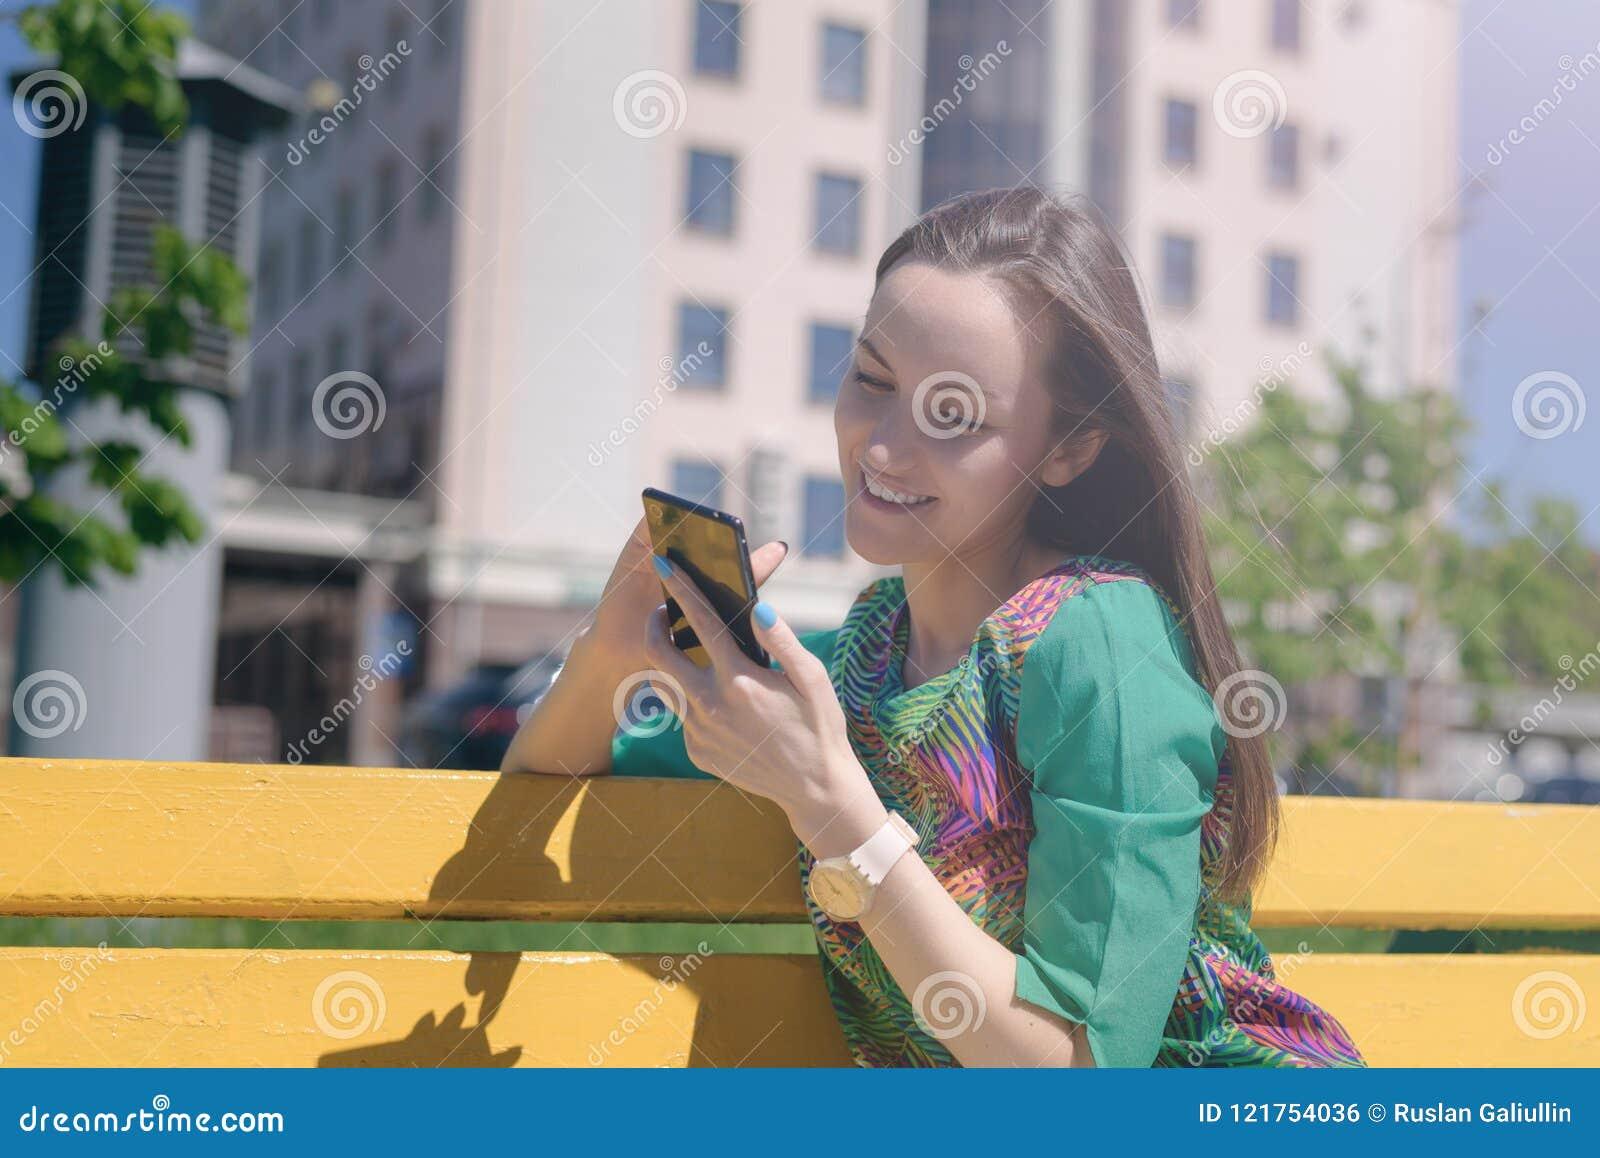 Συνεδρίαση γυναικών χαμόγελου νέα σε έναν κίτρινο πάγκο και χρησιμοποίηση του smartphone, σε απευθείας σύνδεση επικοινωνία, κοινω